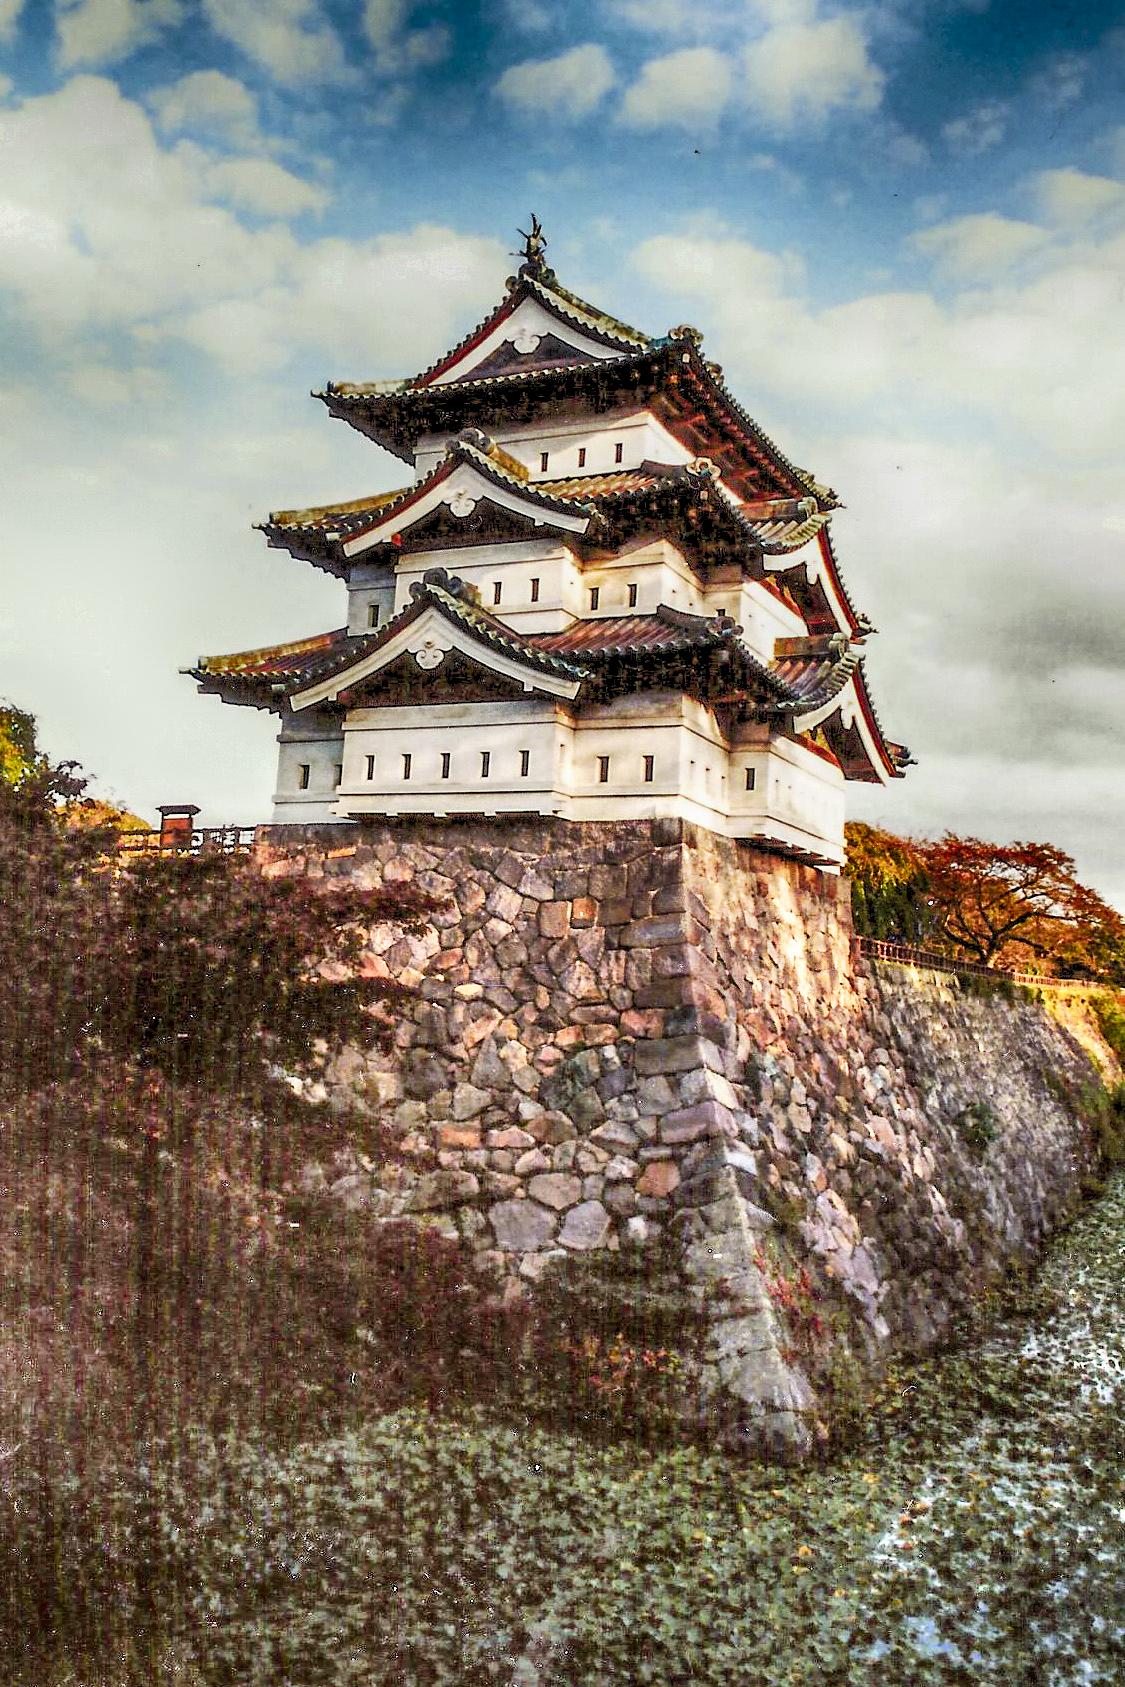 Hirosake Castle